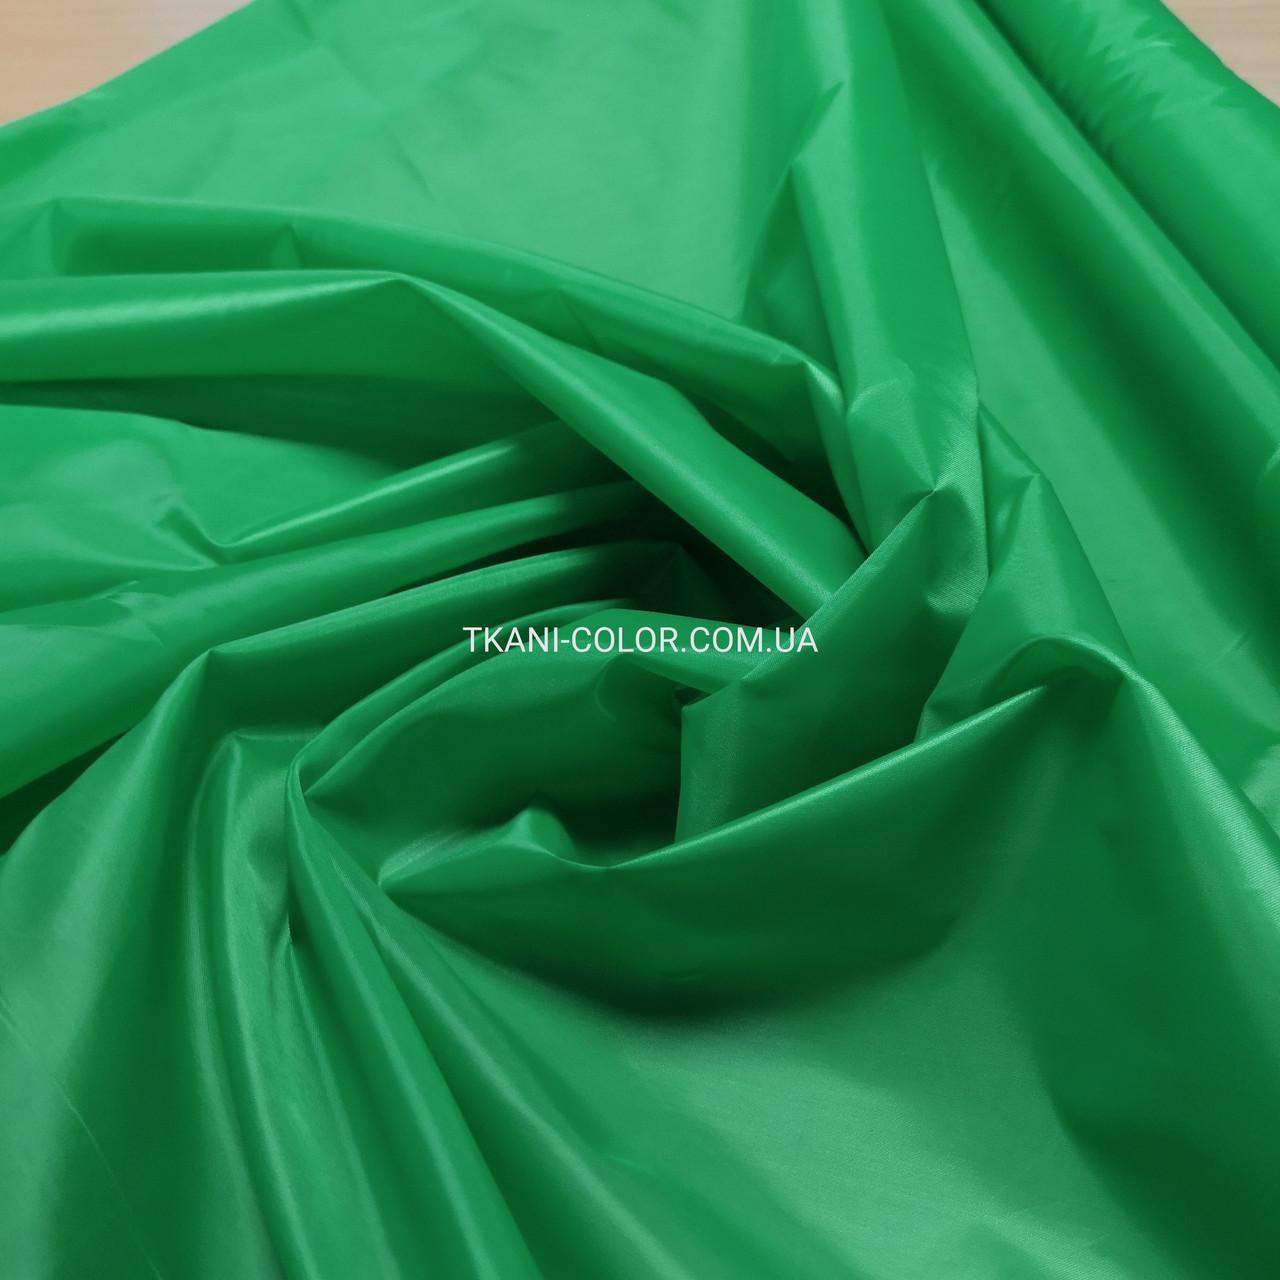 Тканина для підкладки нейлон зелений трава 170Т